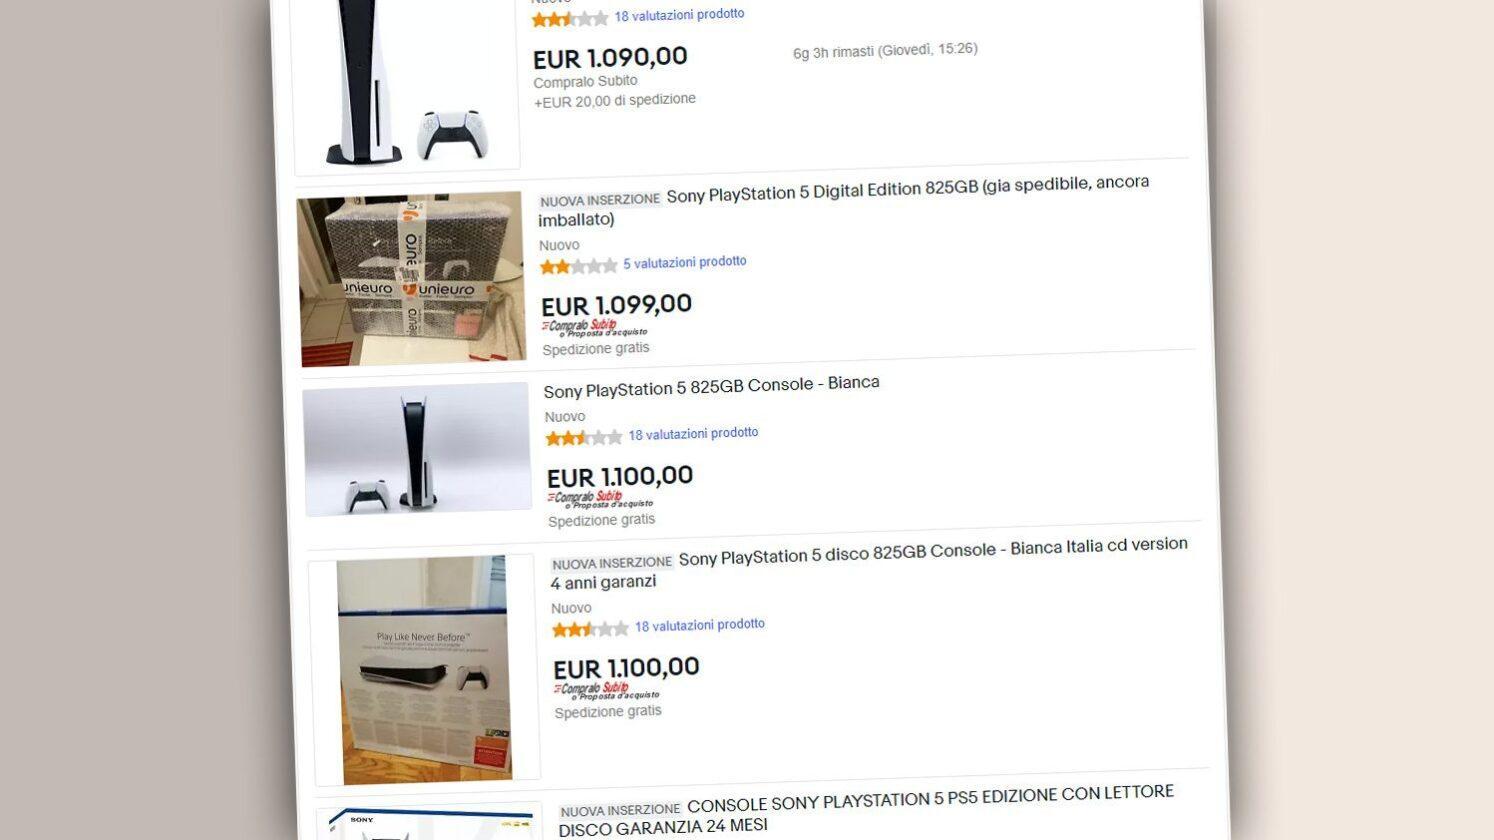 À Quels Prix Revendent Ils La Playstation 5 Sur Ebay